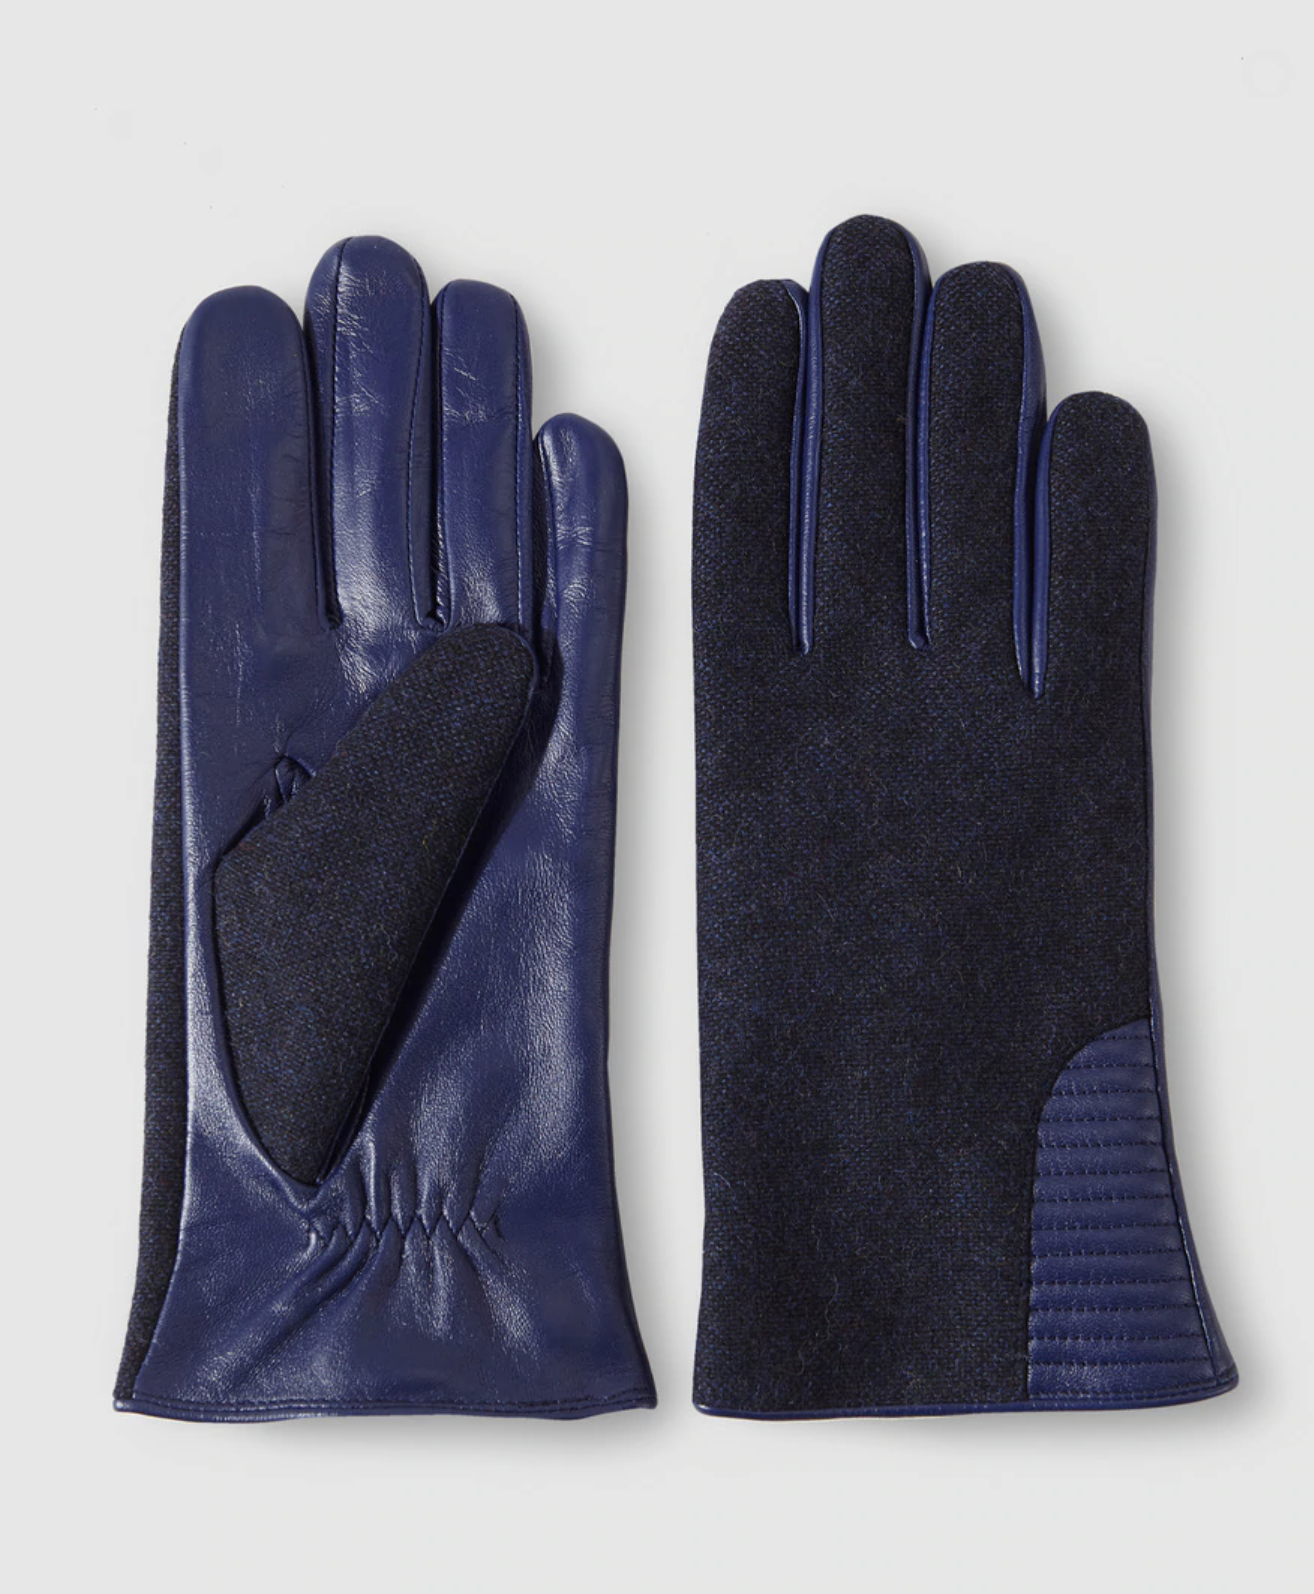 Guantes de mujer Georges Rech combinados de piel y tejido en azul marino